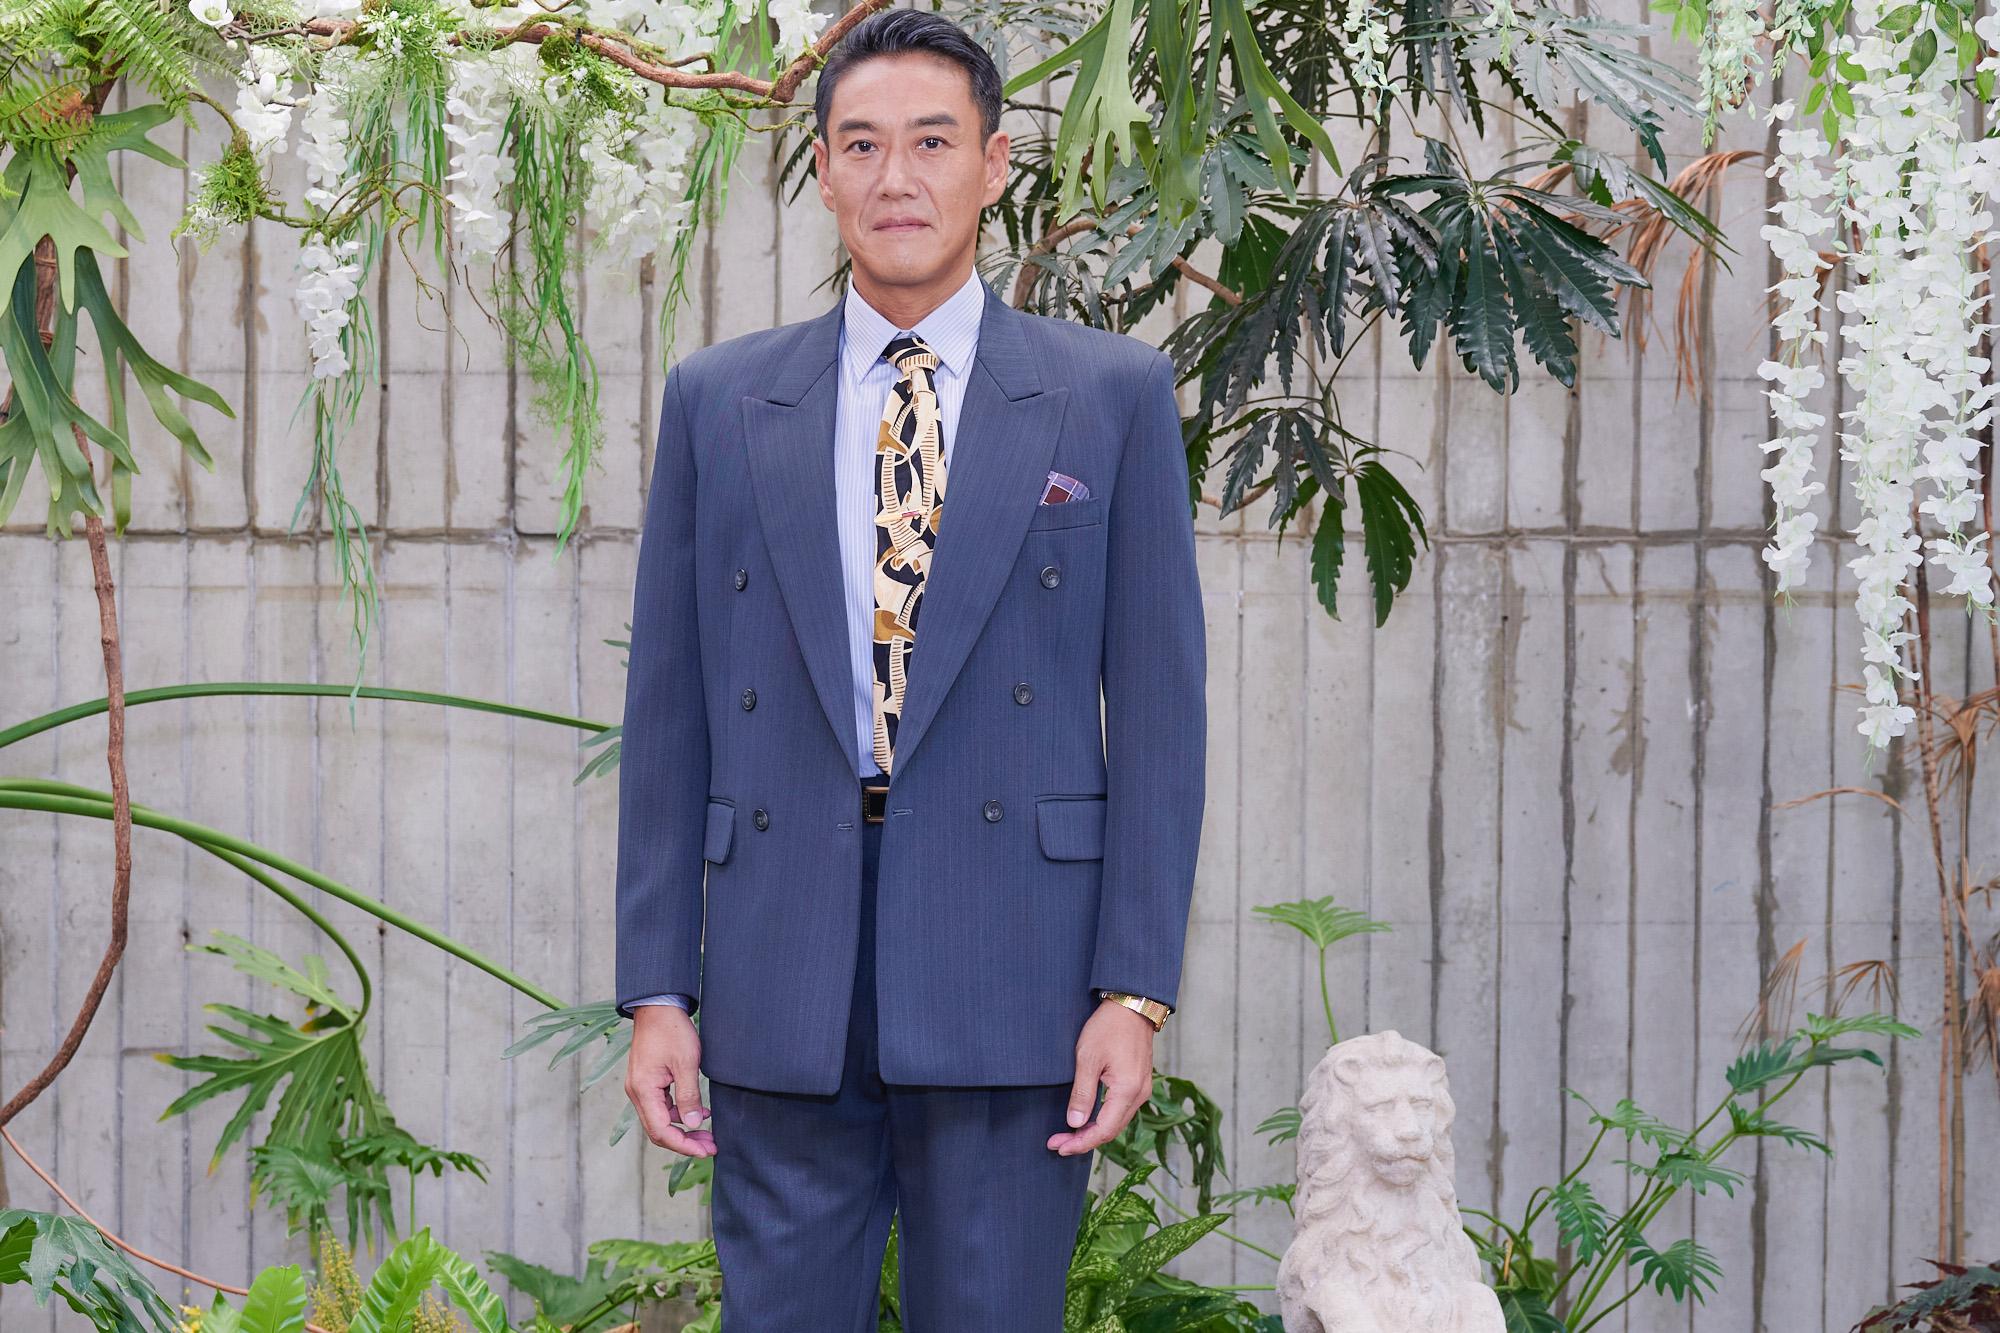 《華燈初上》加賀美智久飾演日式酒店常客,愛慕楊謹華_百聿數碼提供